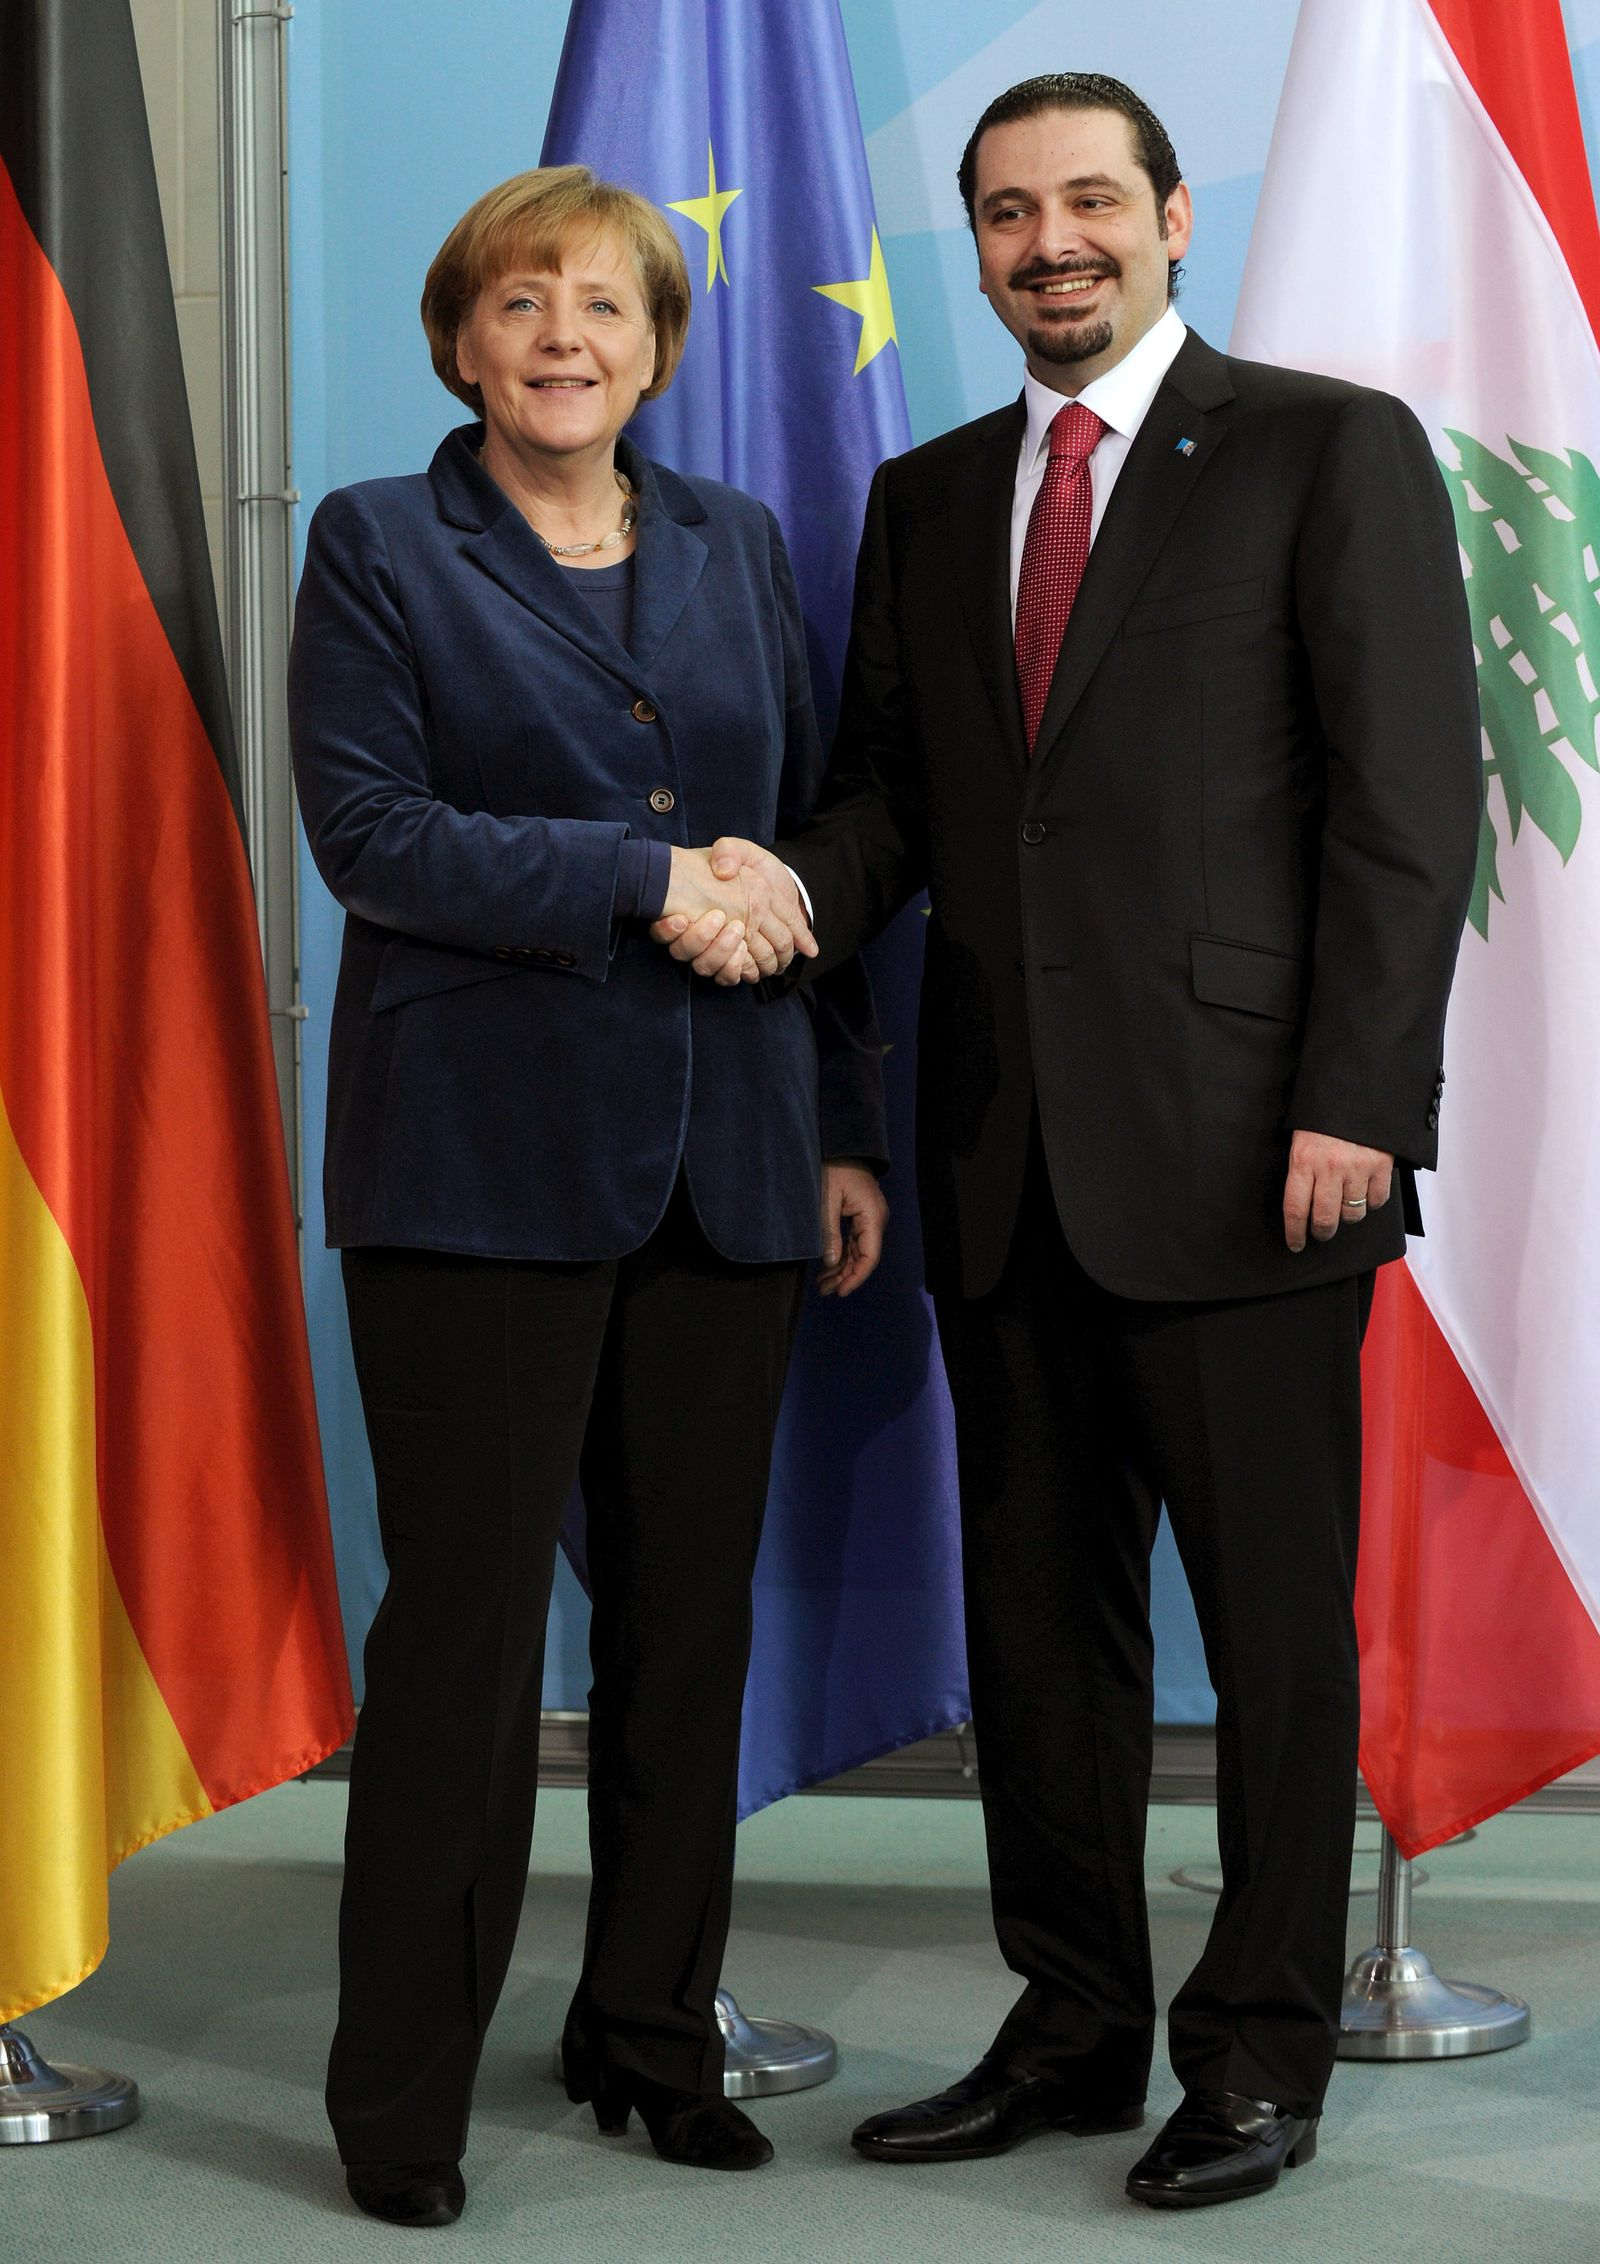 Angela Merkel und Saad Rafik Hariri